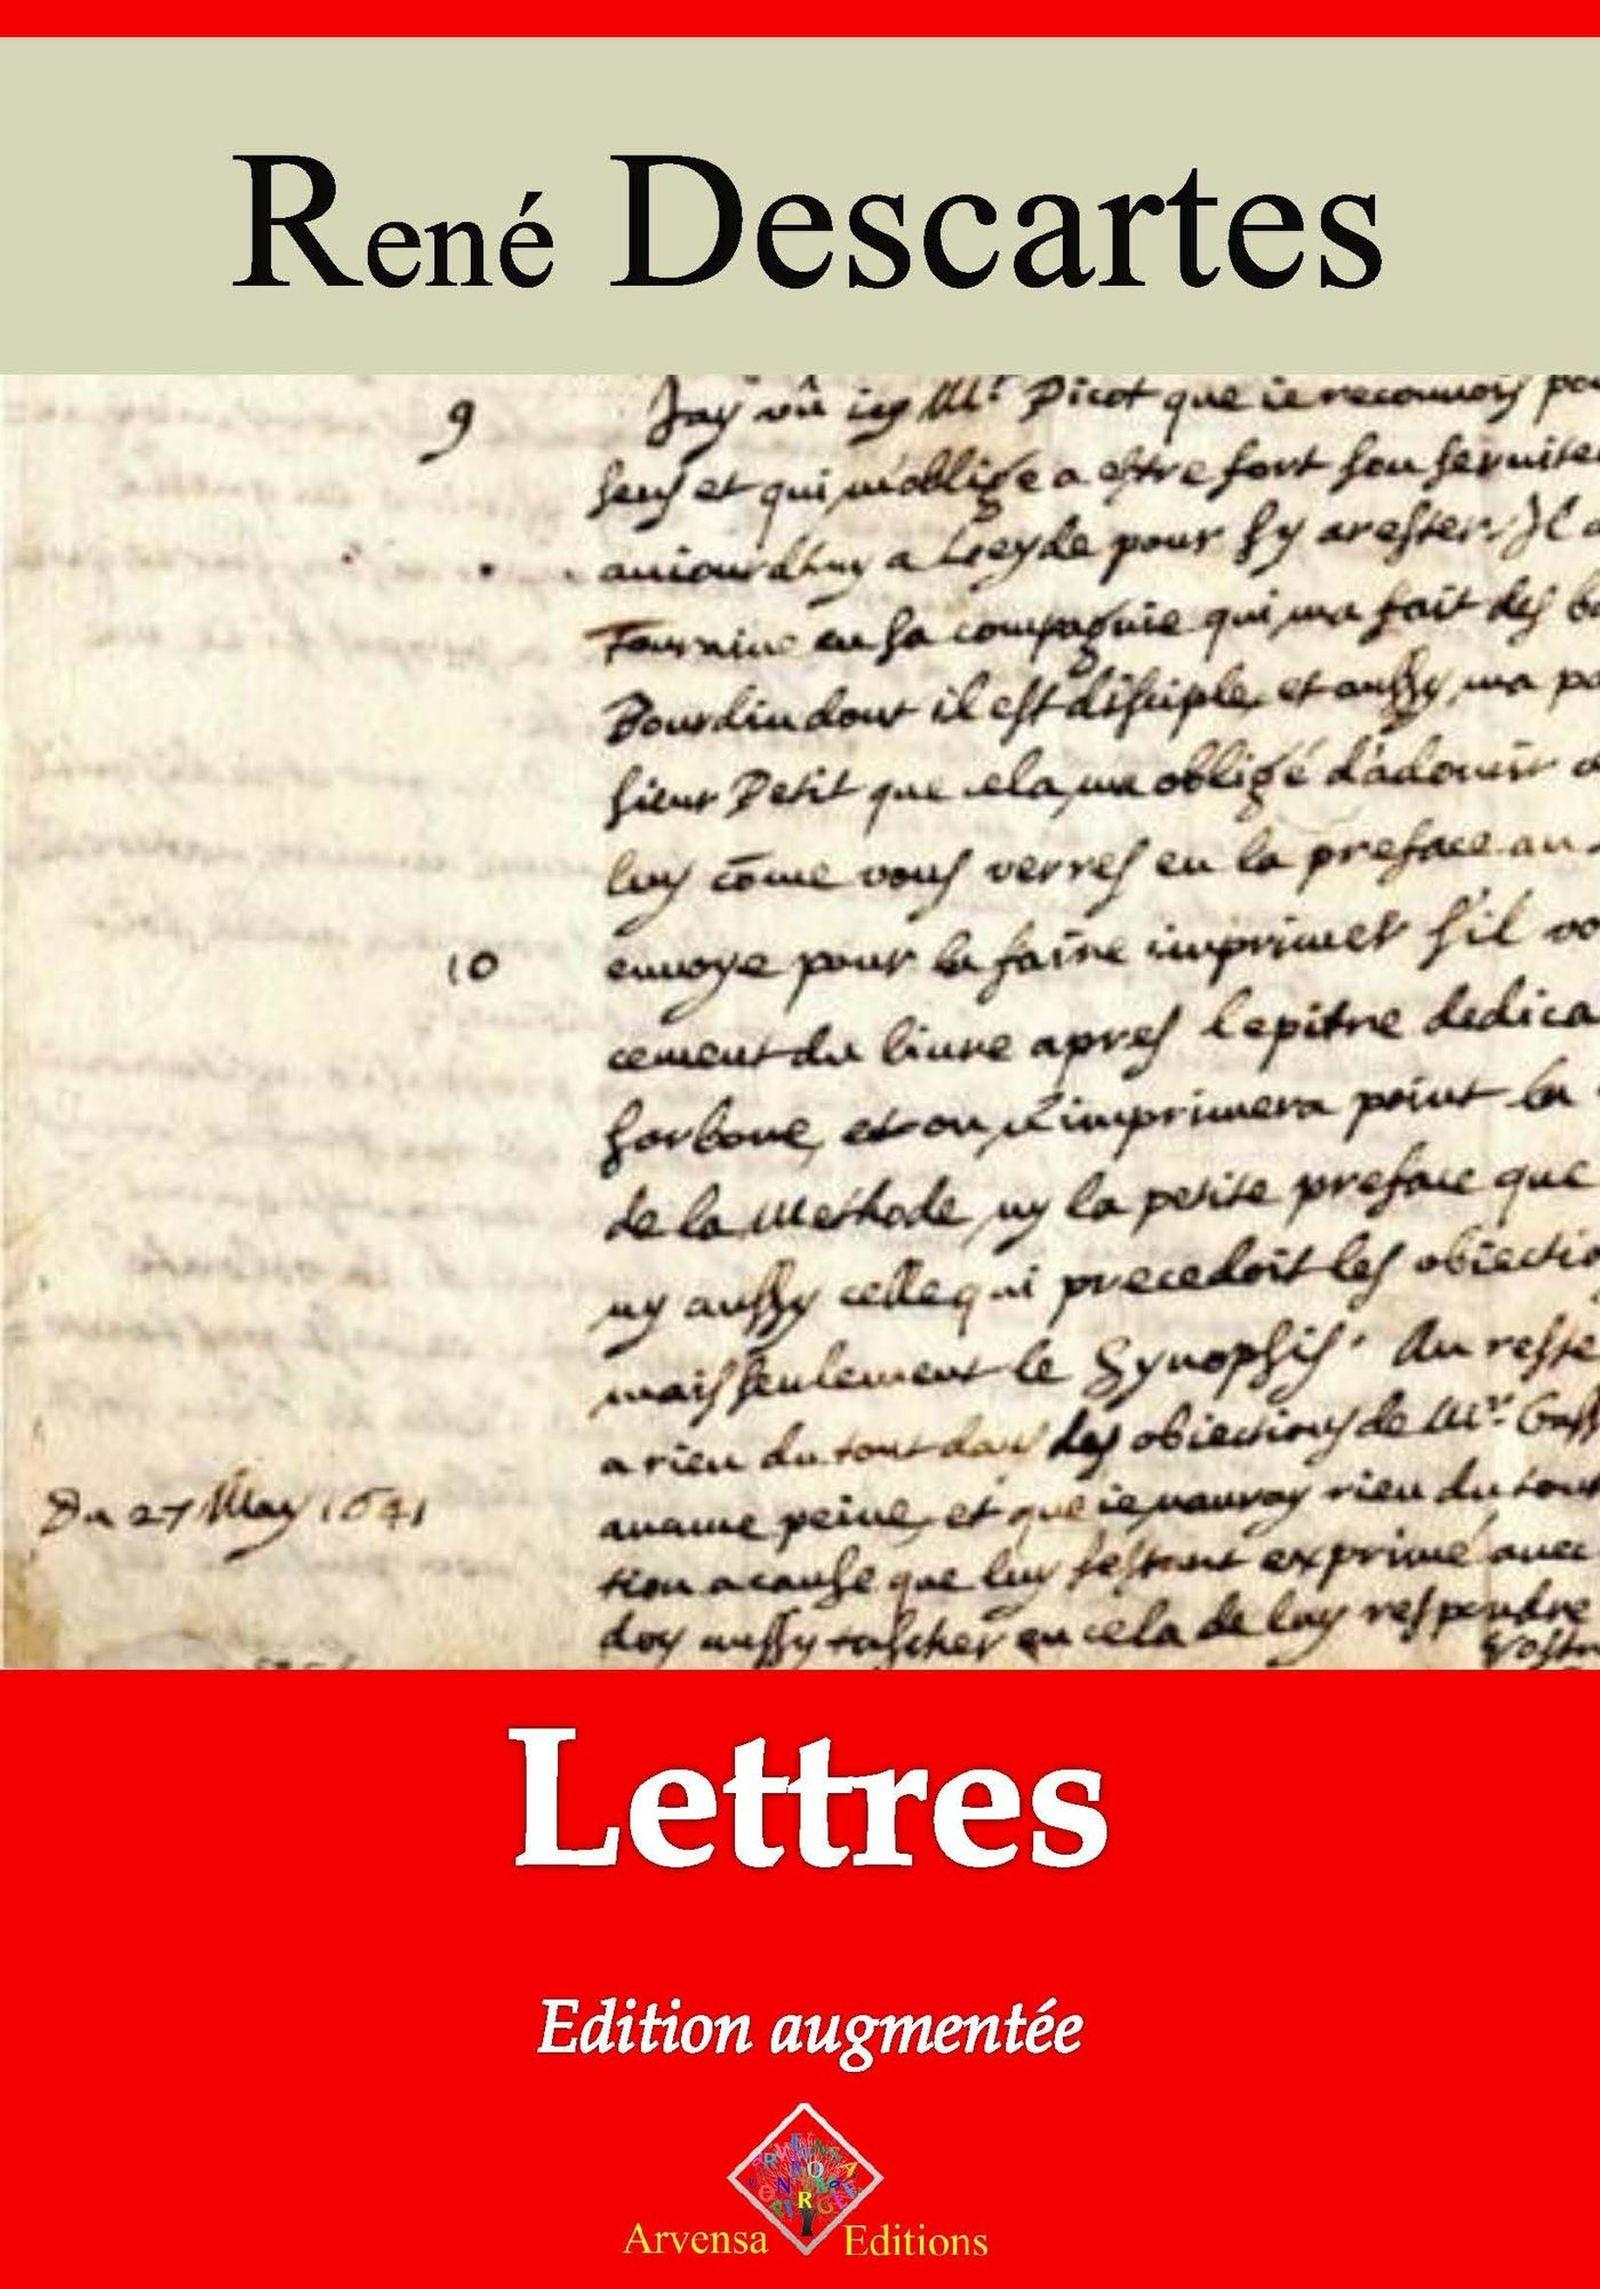 Lettres - suivi d'annexes